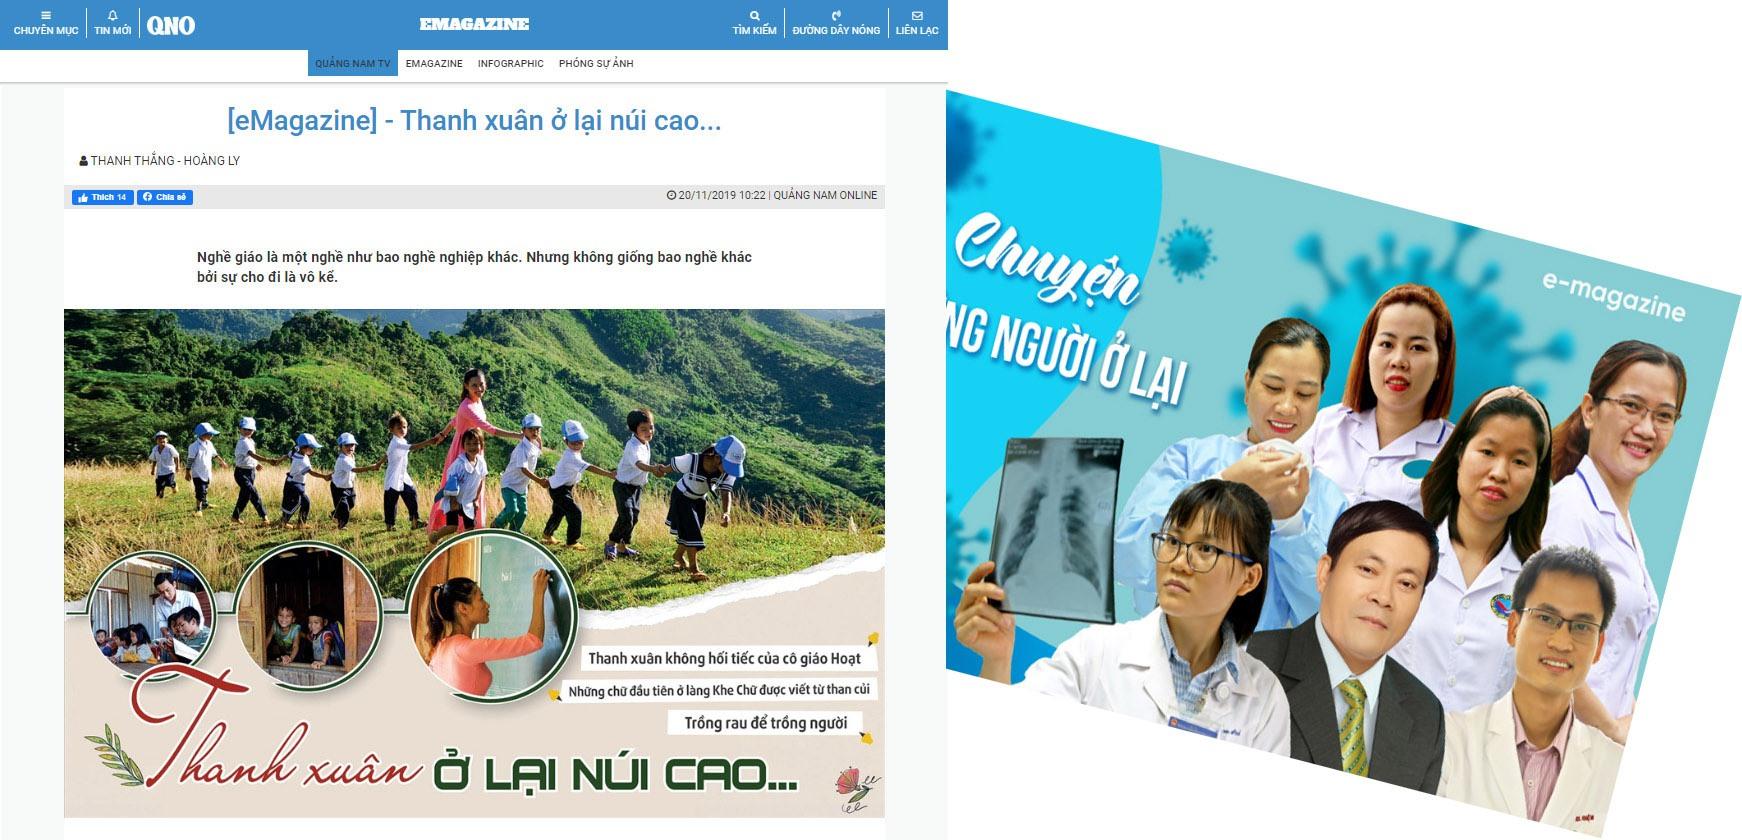 Những thiết kế ấn tượng trên giao diện của Báo Quảng Nam điện tử.Ảnh: TH.TRÍ